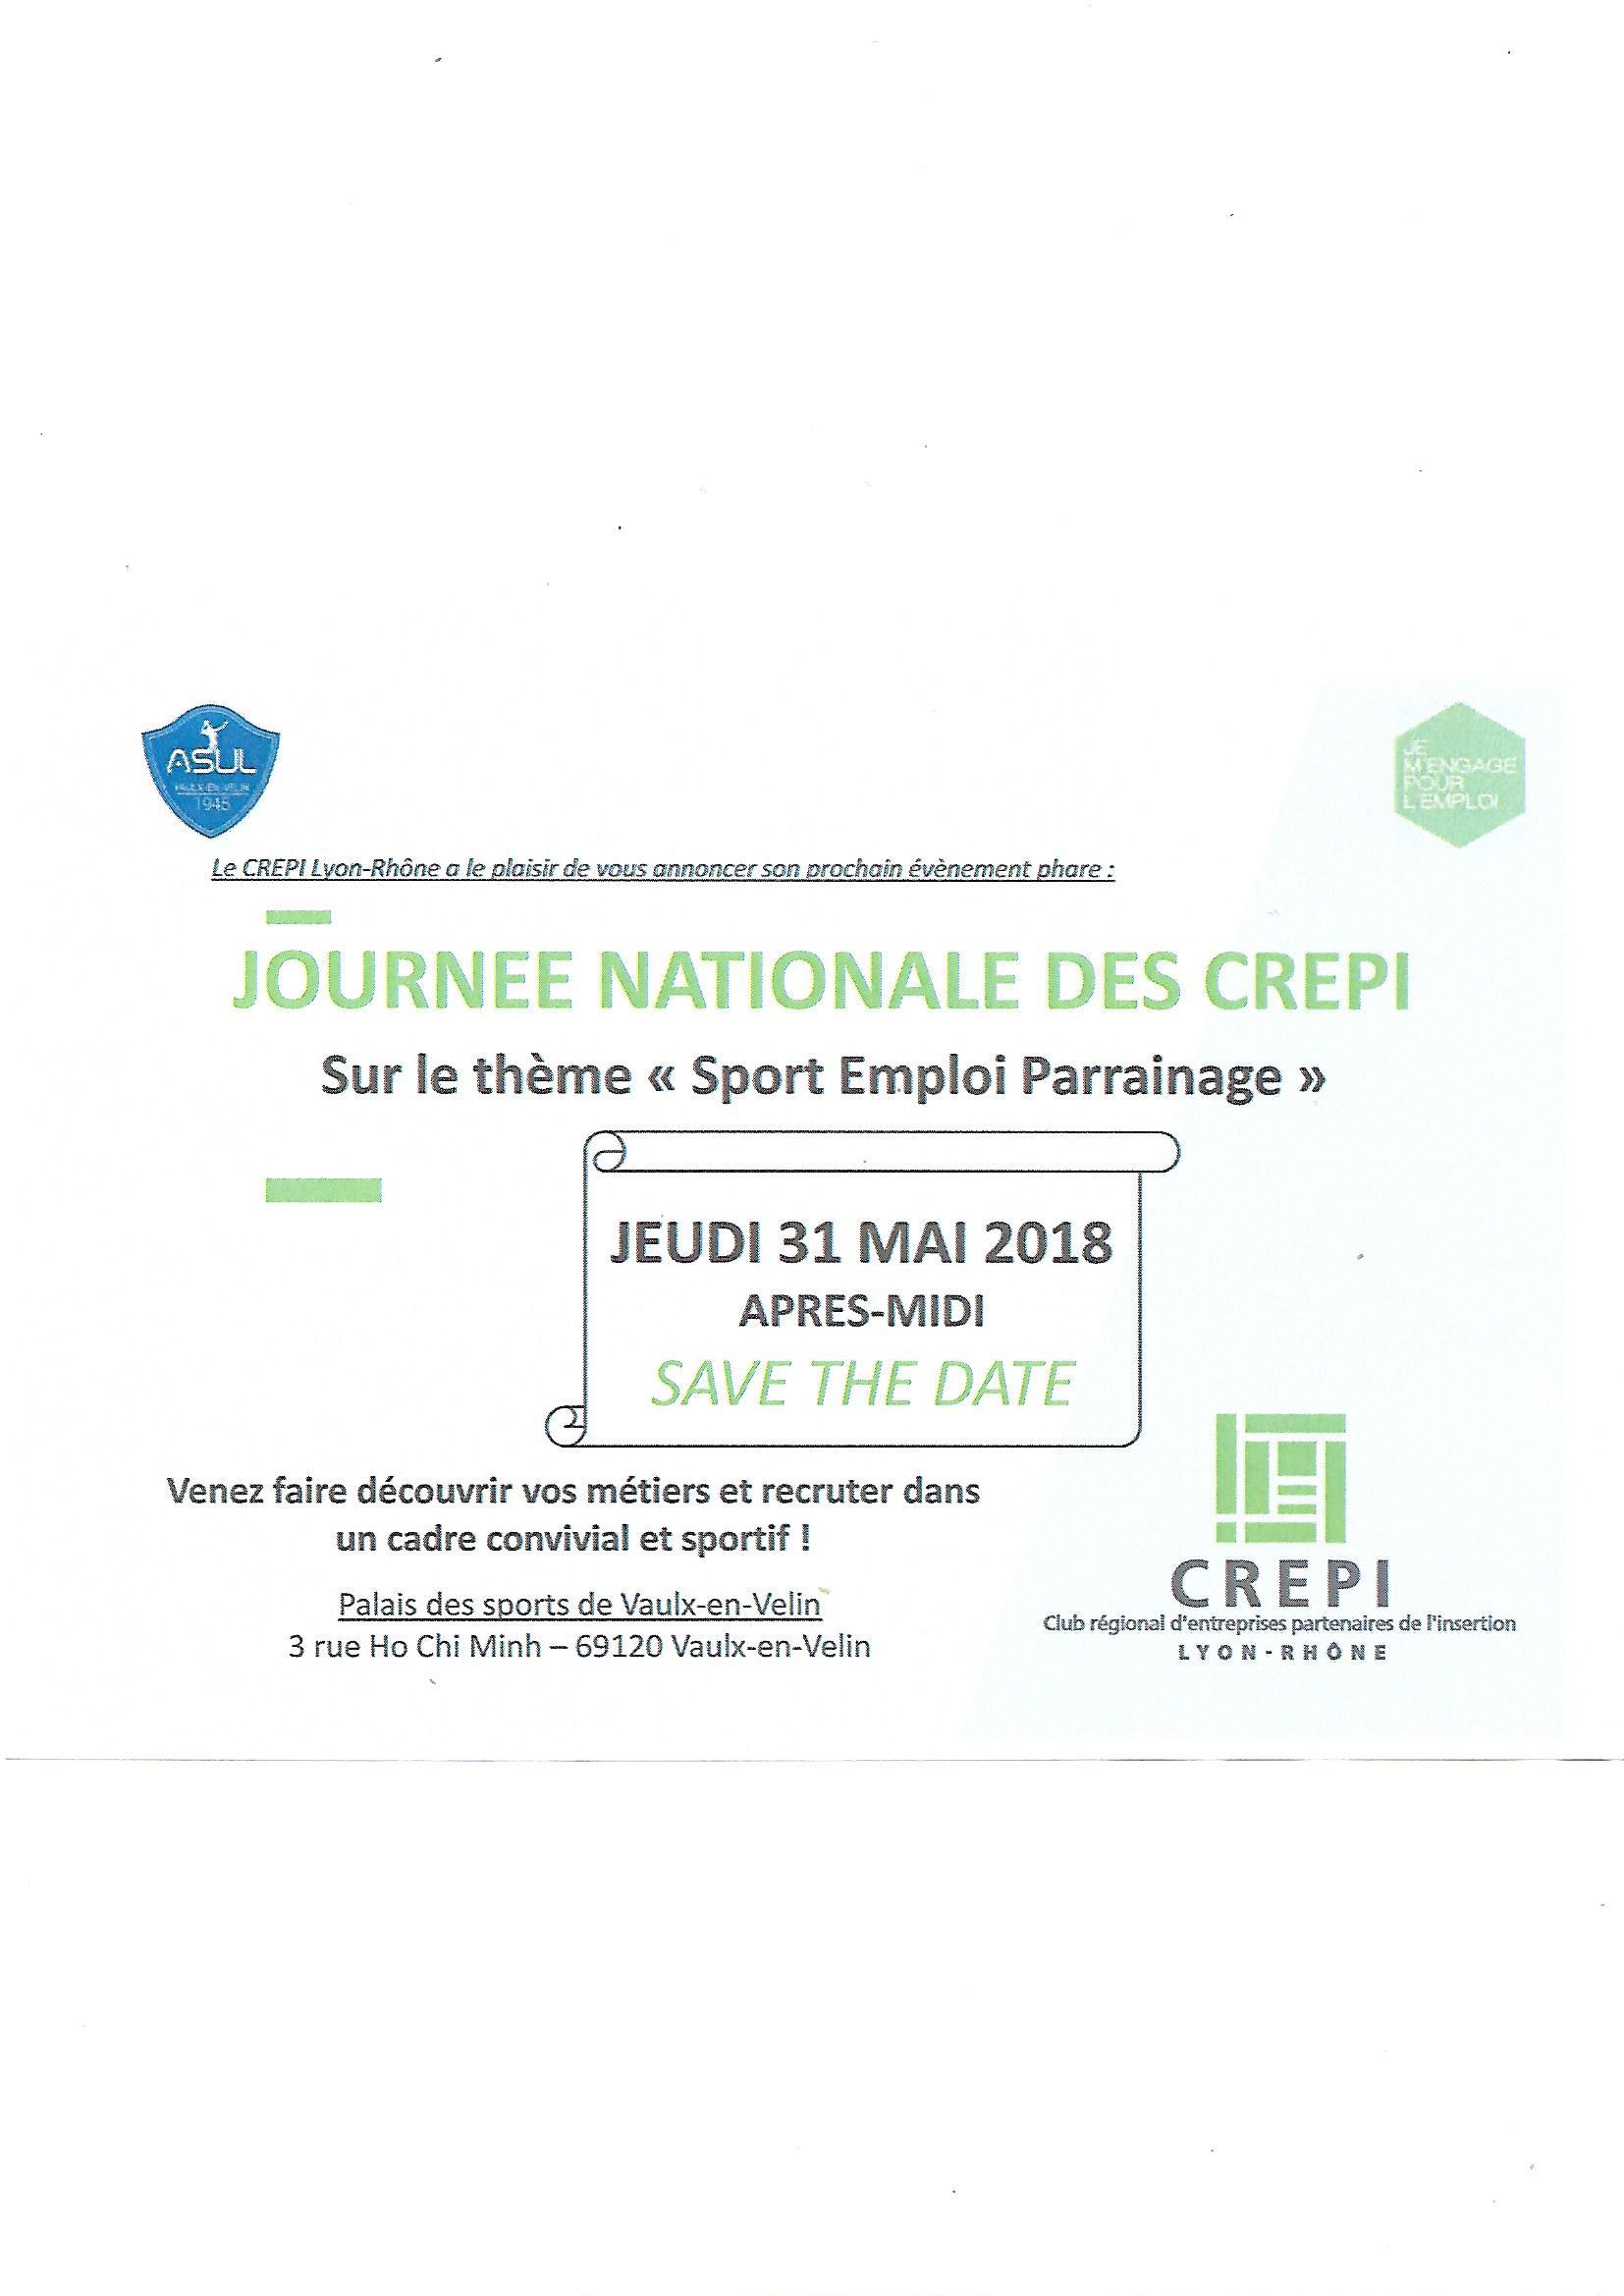 VAULX-EN-VELIN | Journée nationale des CREPI » Sport Emploi Parrainage «